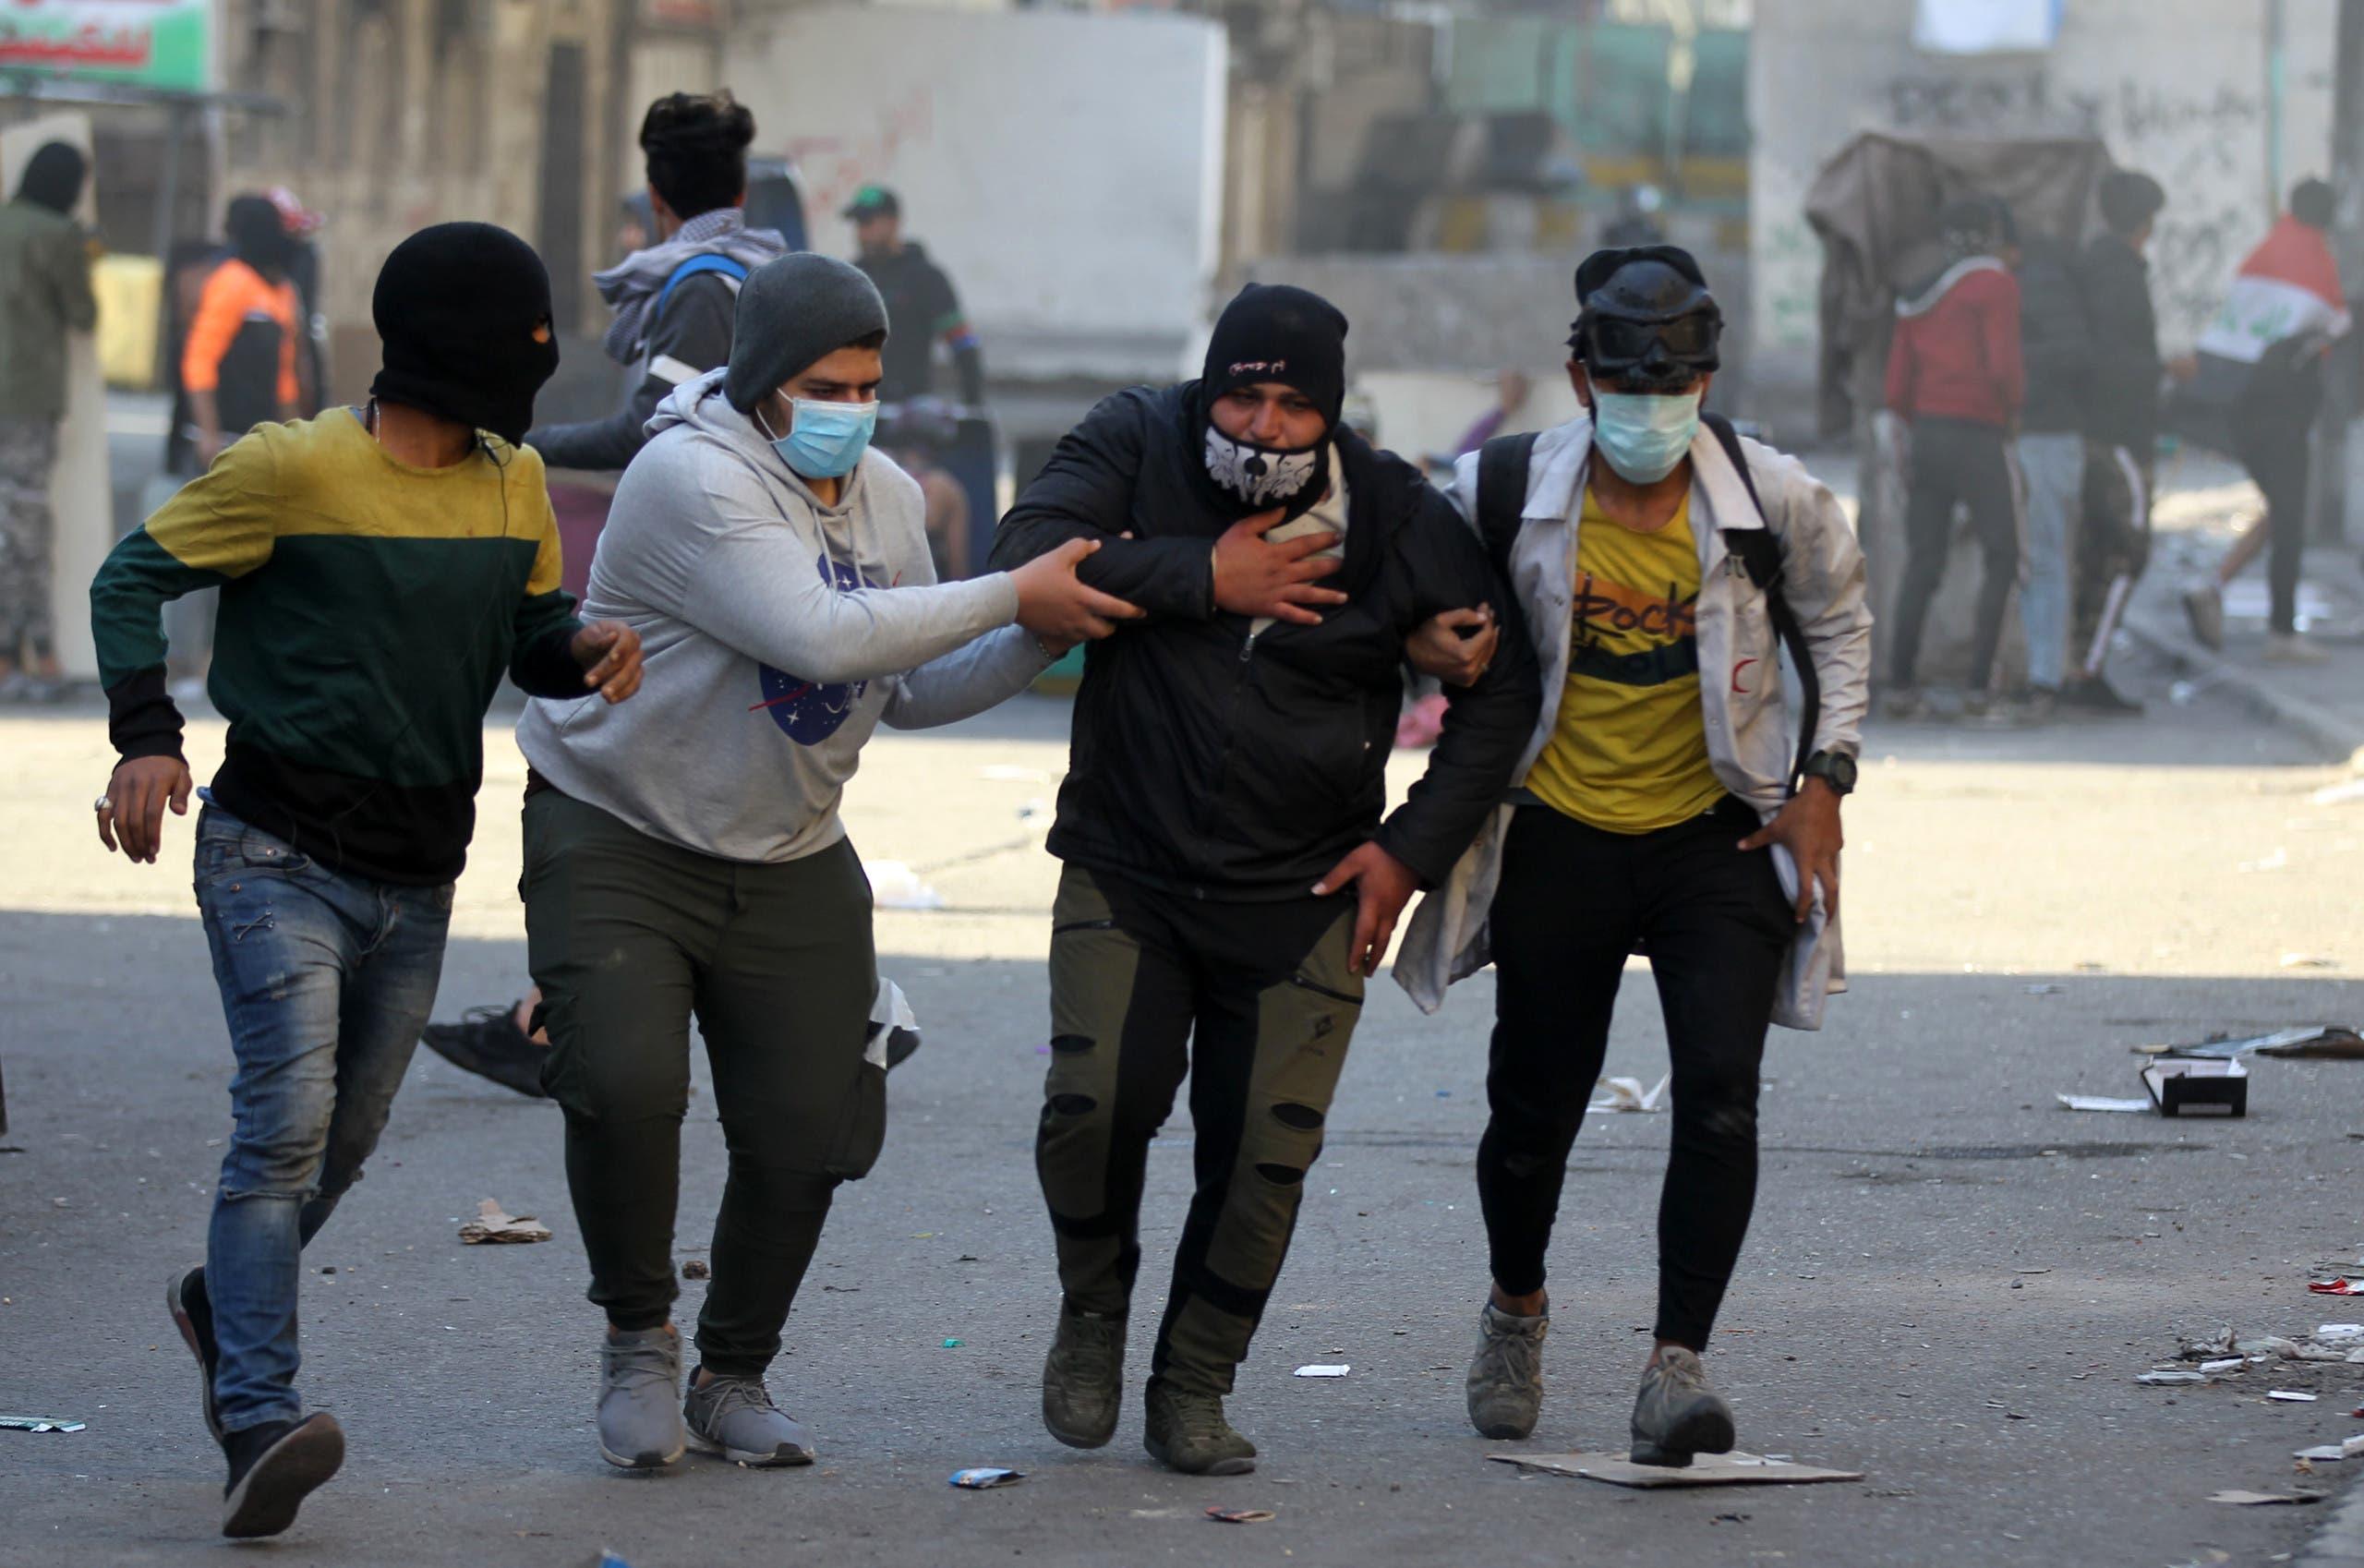 من تظاهرات العراق - مصابون قرب ساحة الخلاني في بغداد